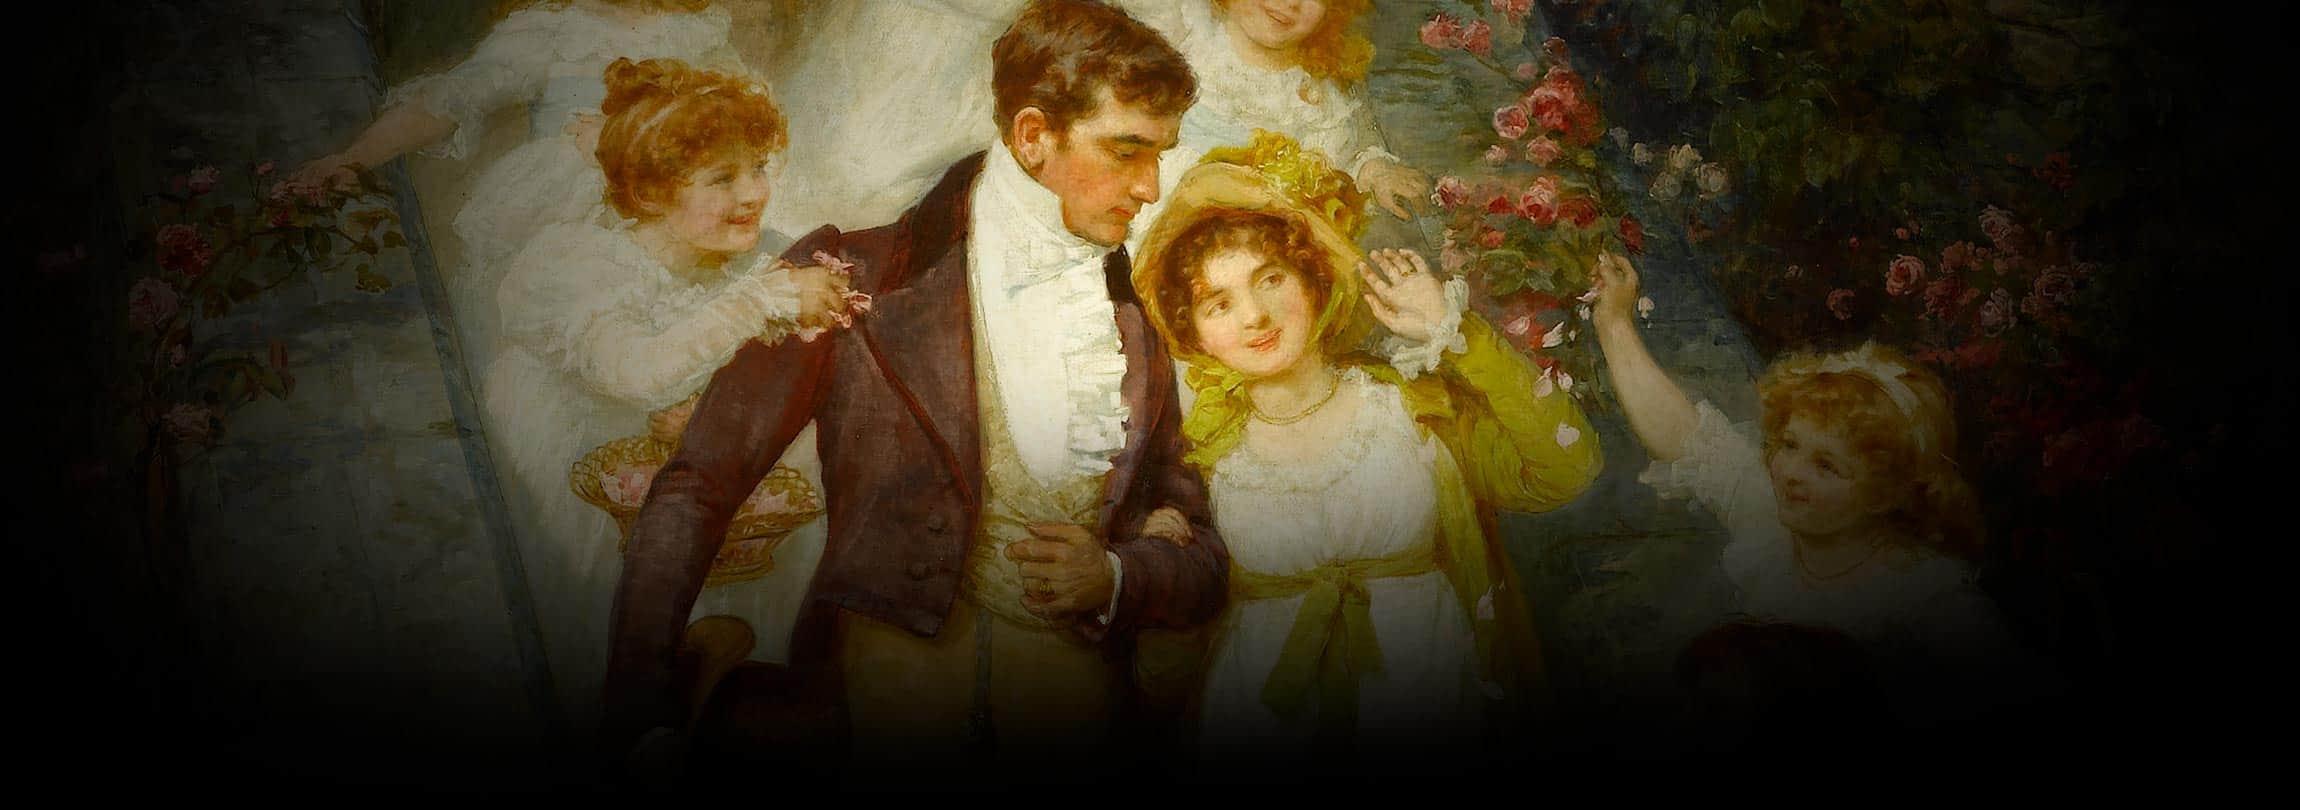 Seis dicas para um casamento feliz